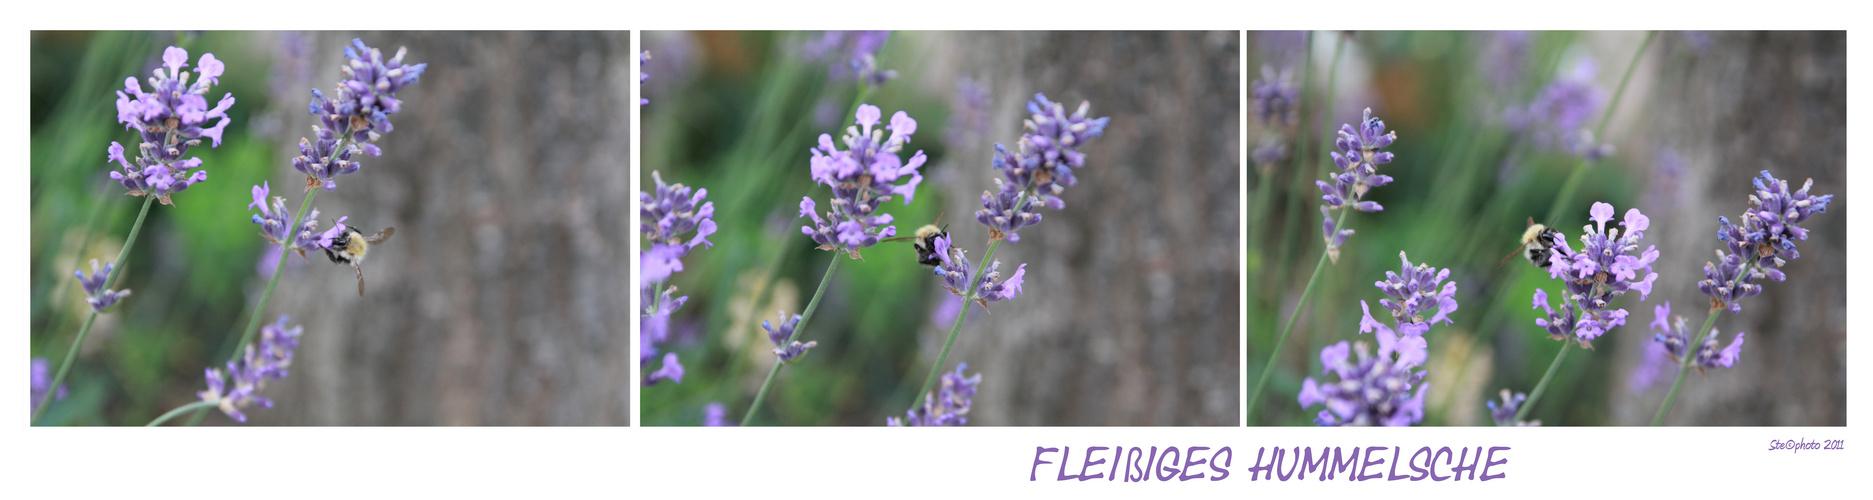 fleißiges Lavendel-HUMMELSCHE